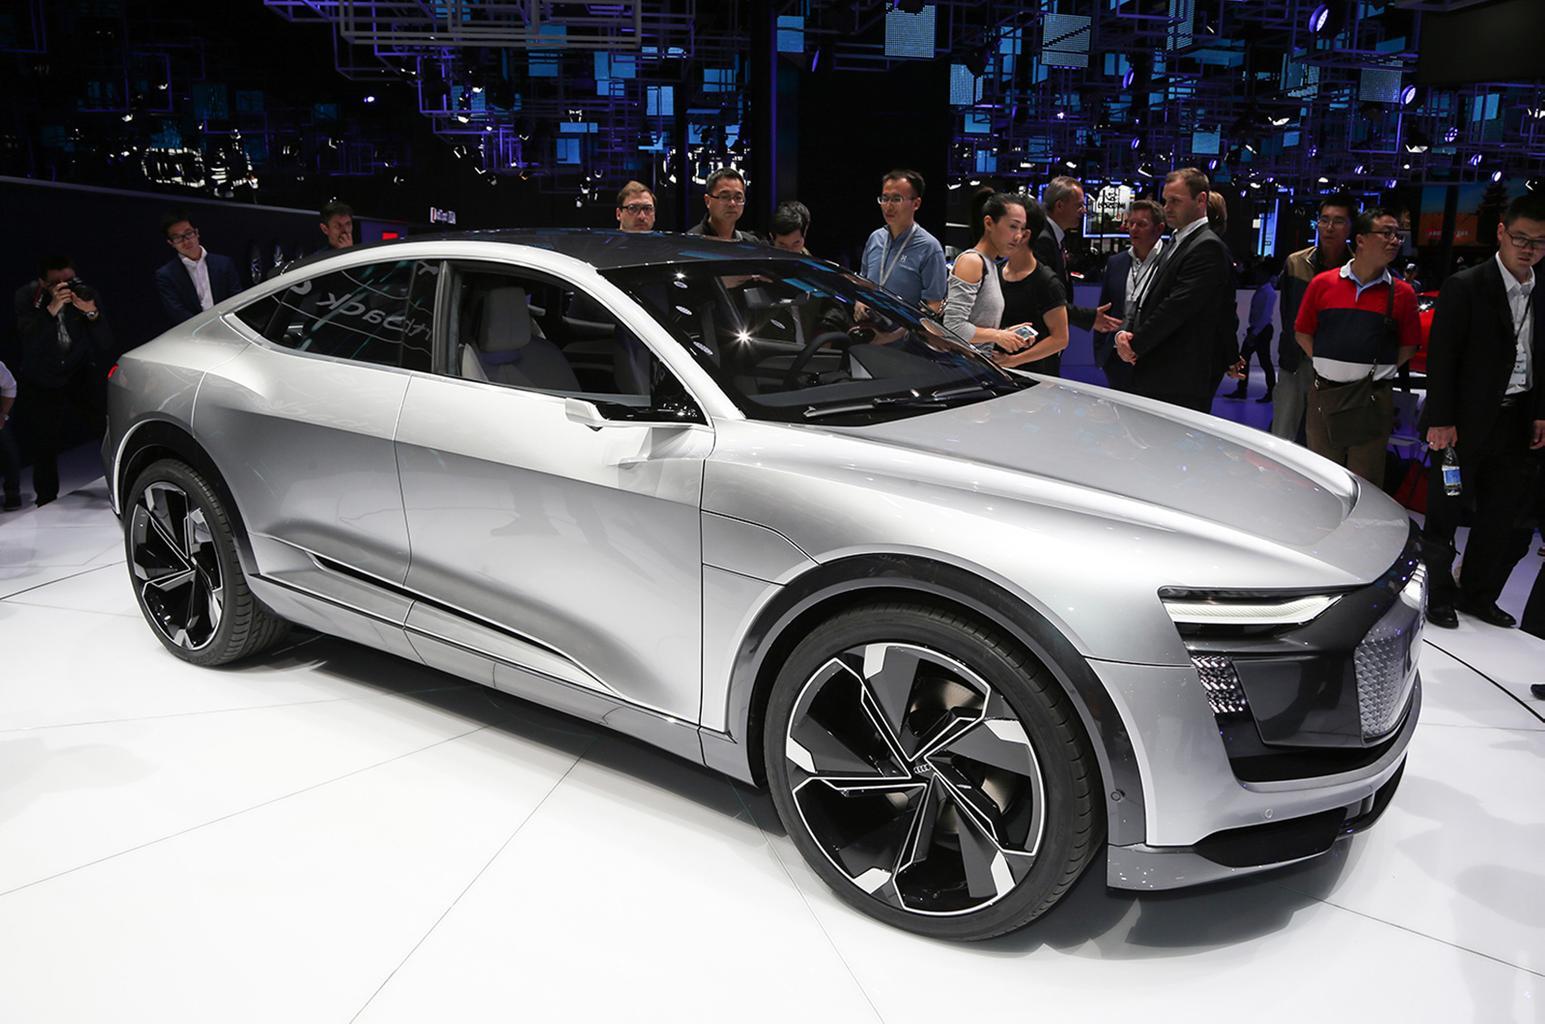 Volkswagen's electric car assault: 17 new EVs coming soon